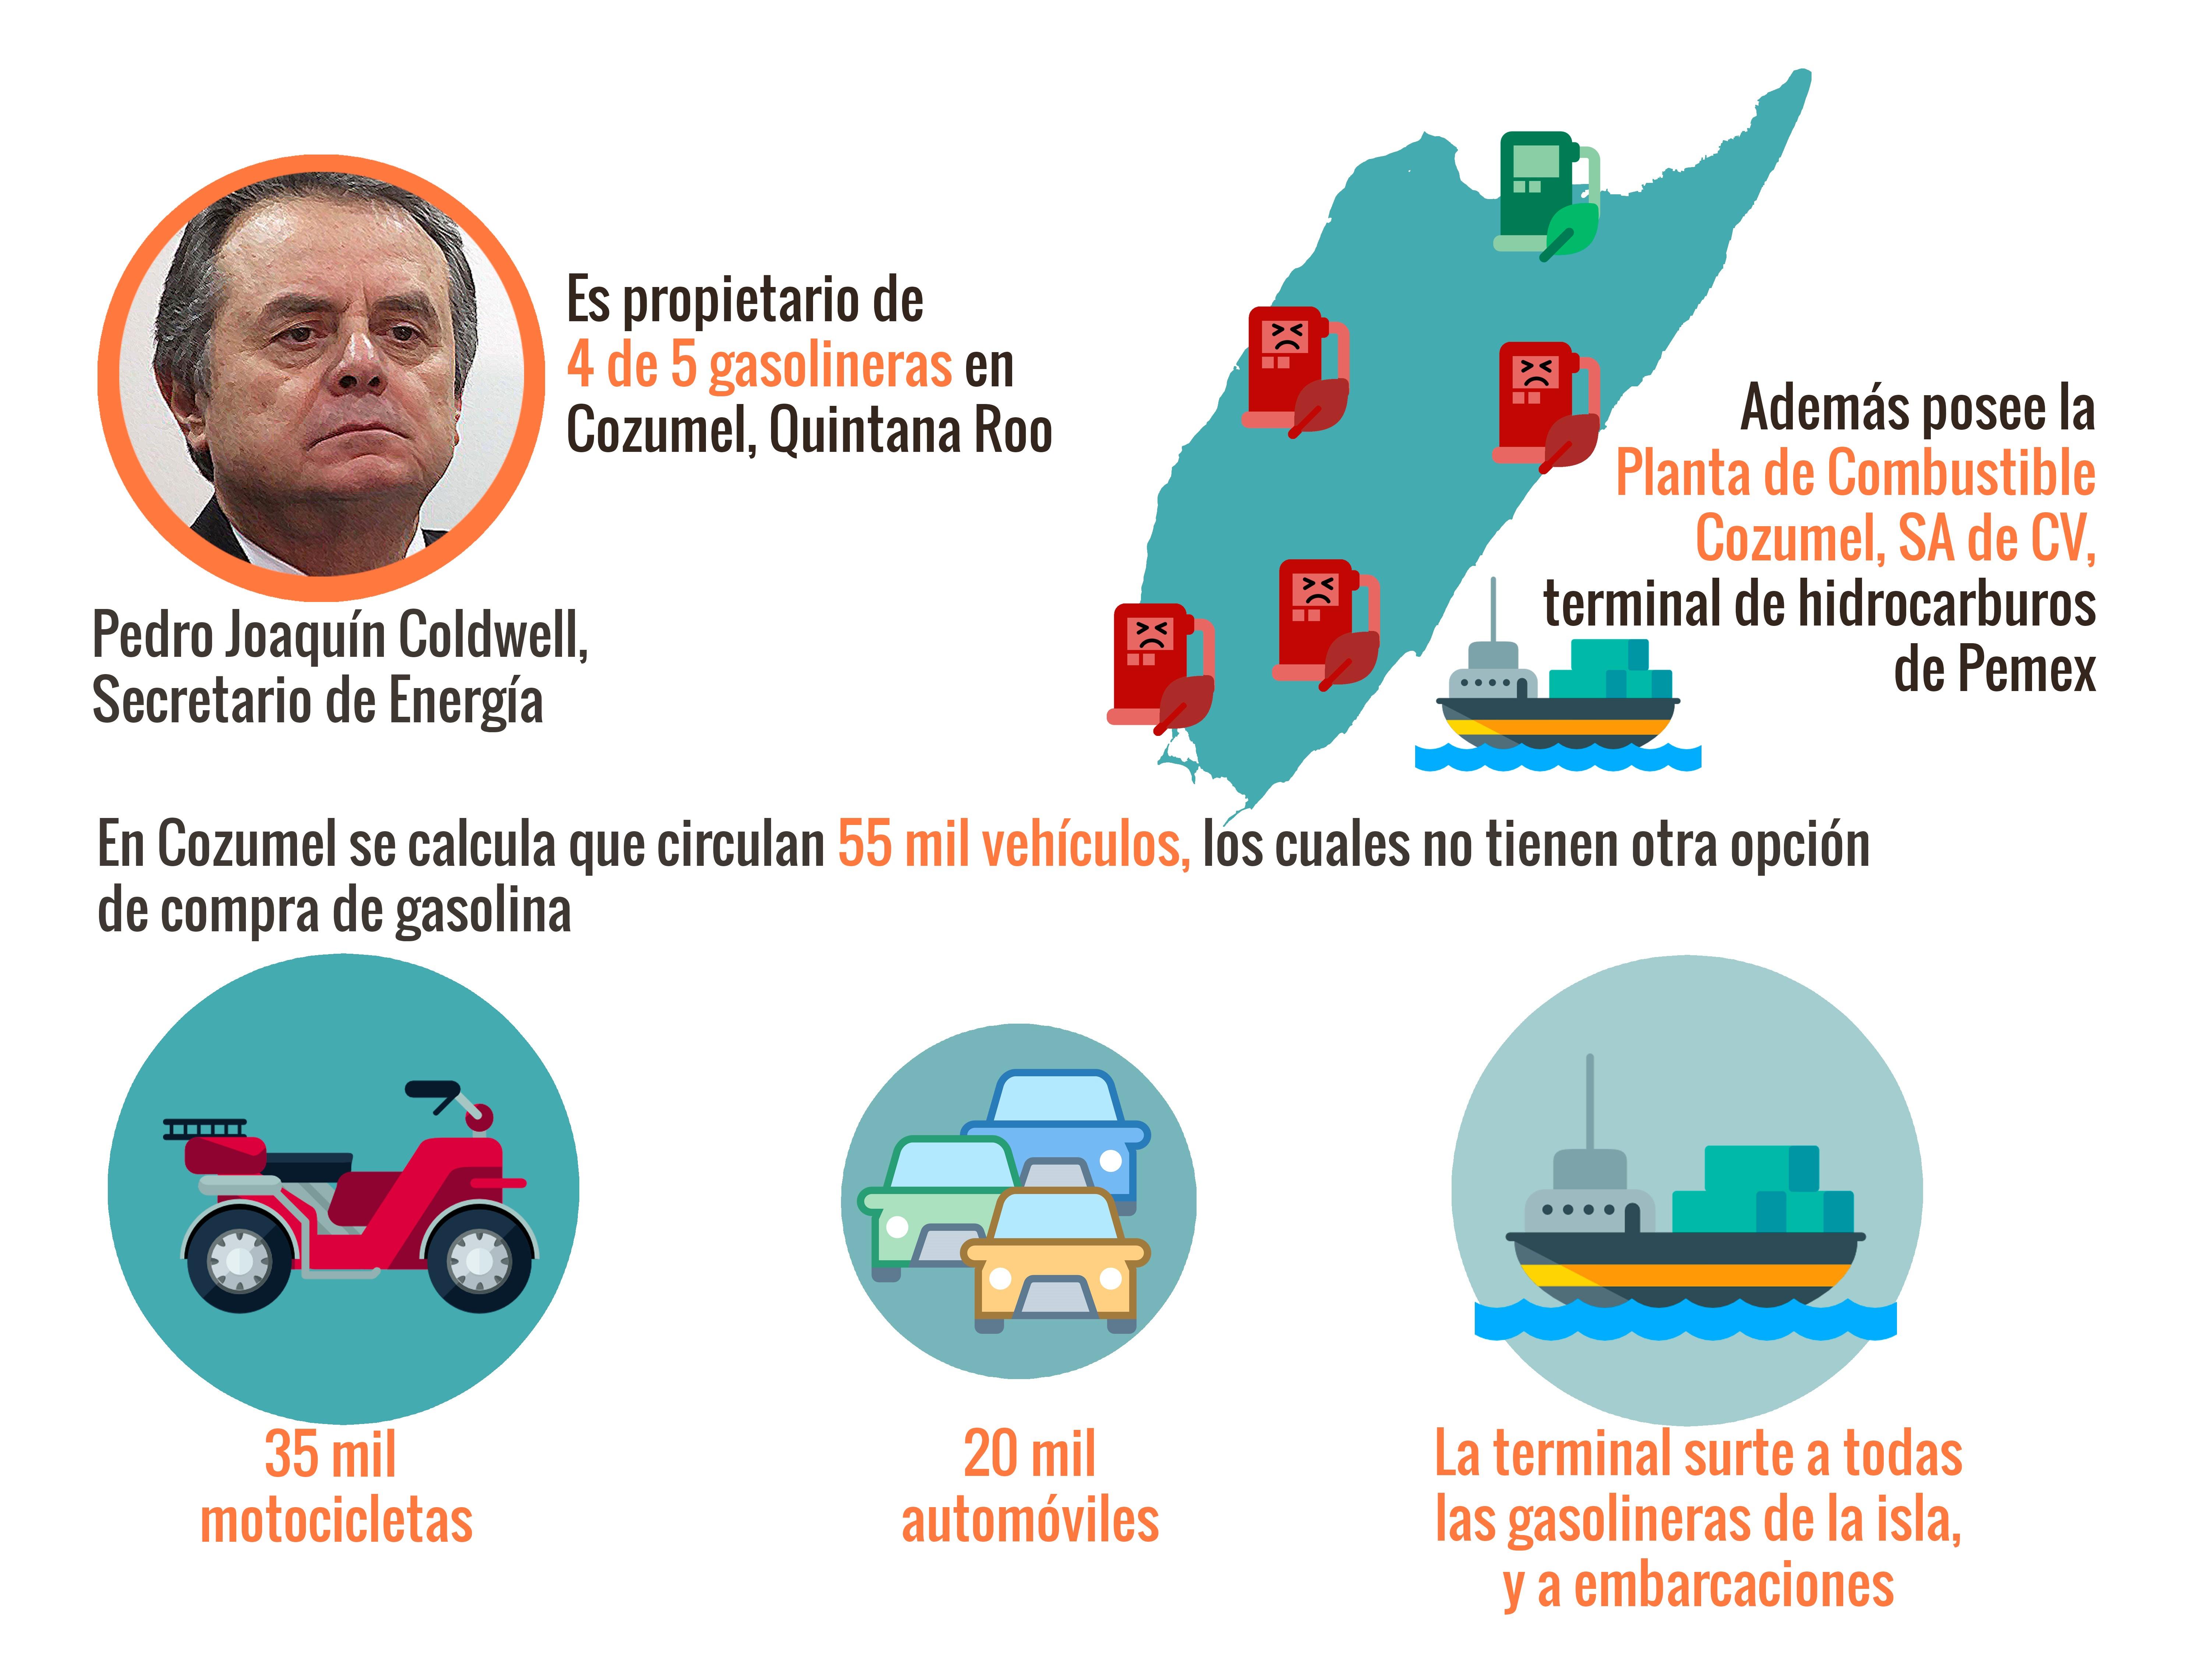 El monopolio gasolinero de Coldwell en Cozumel